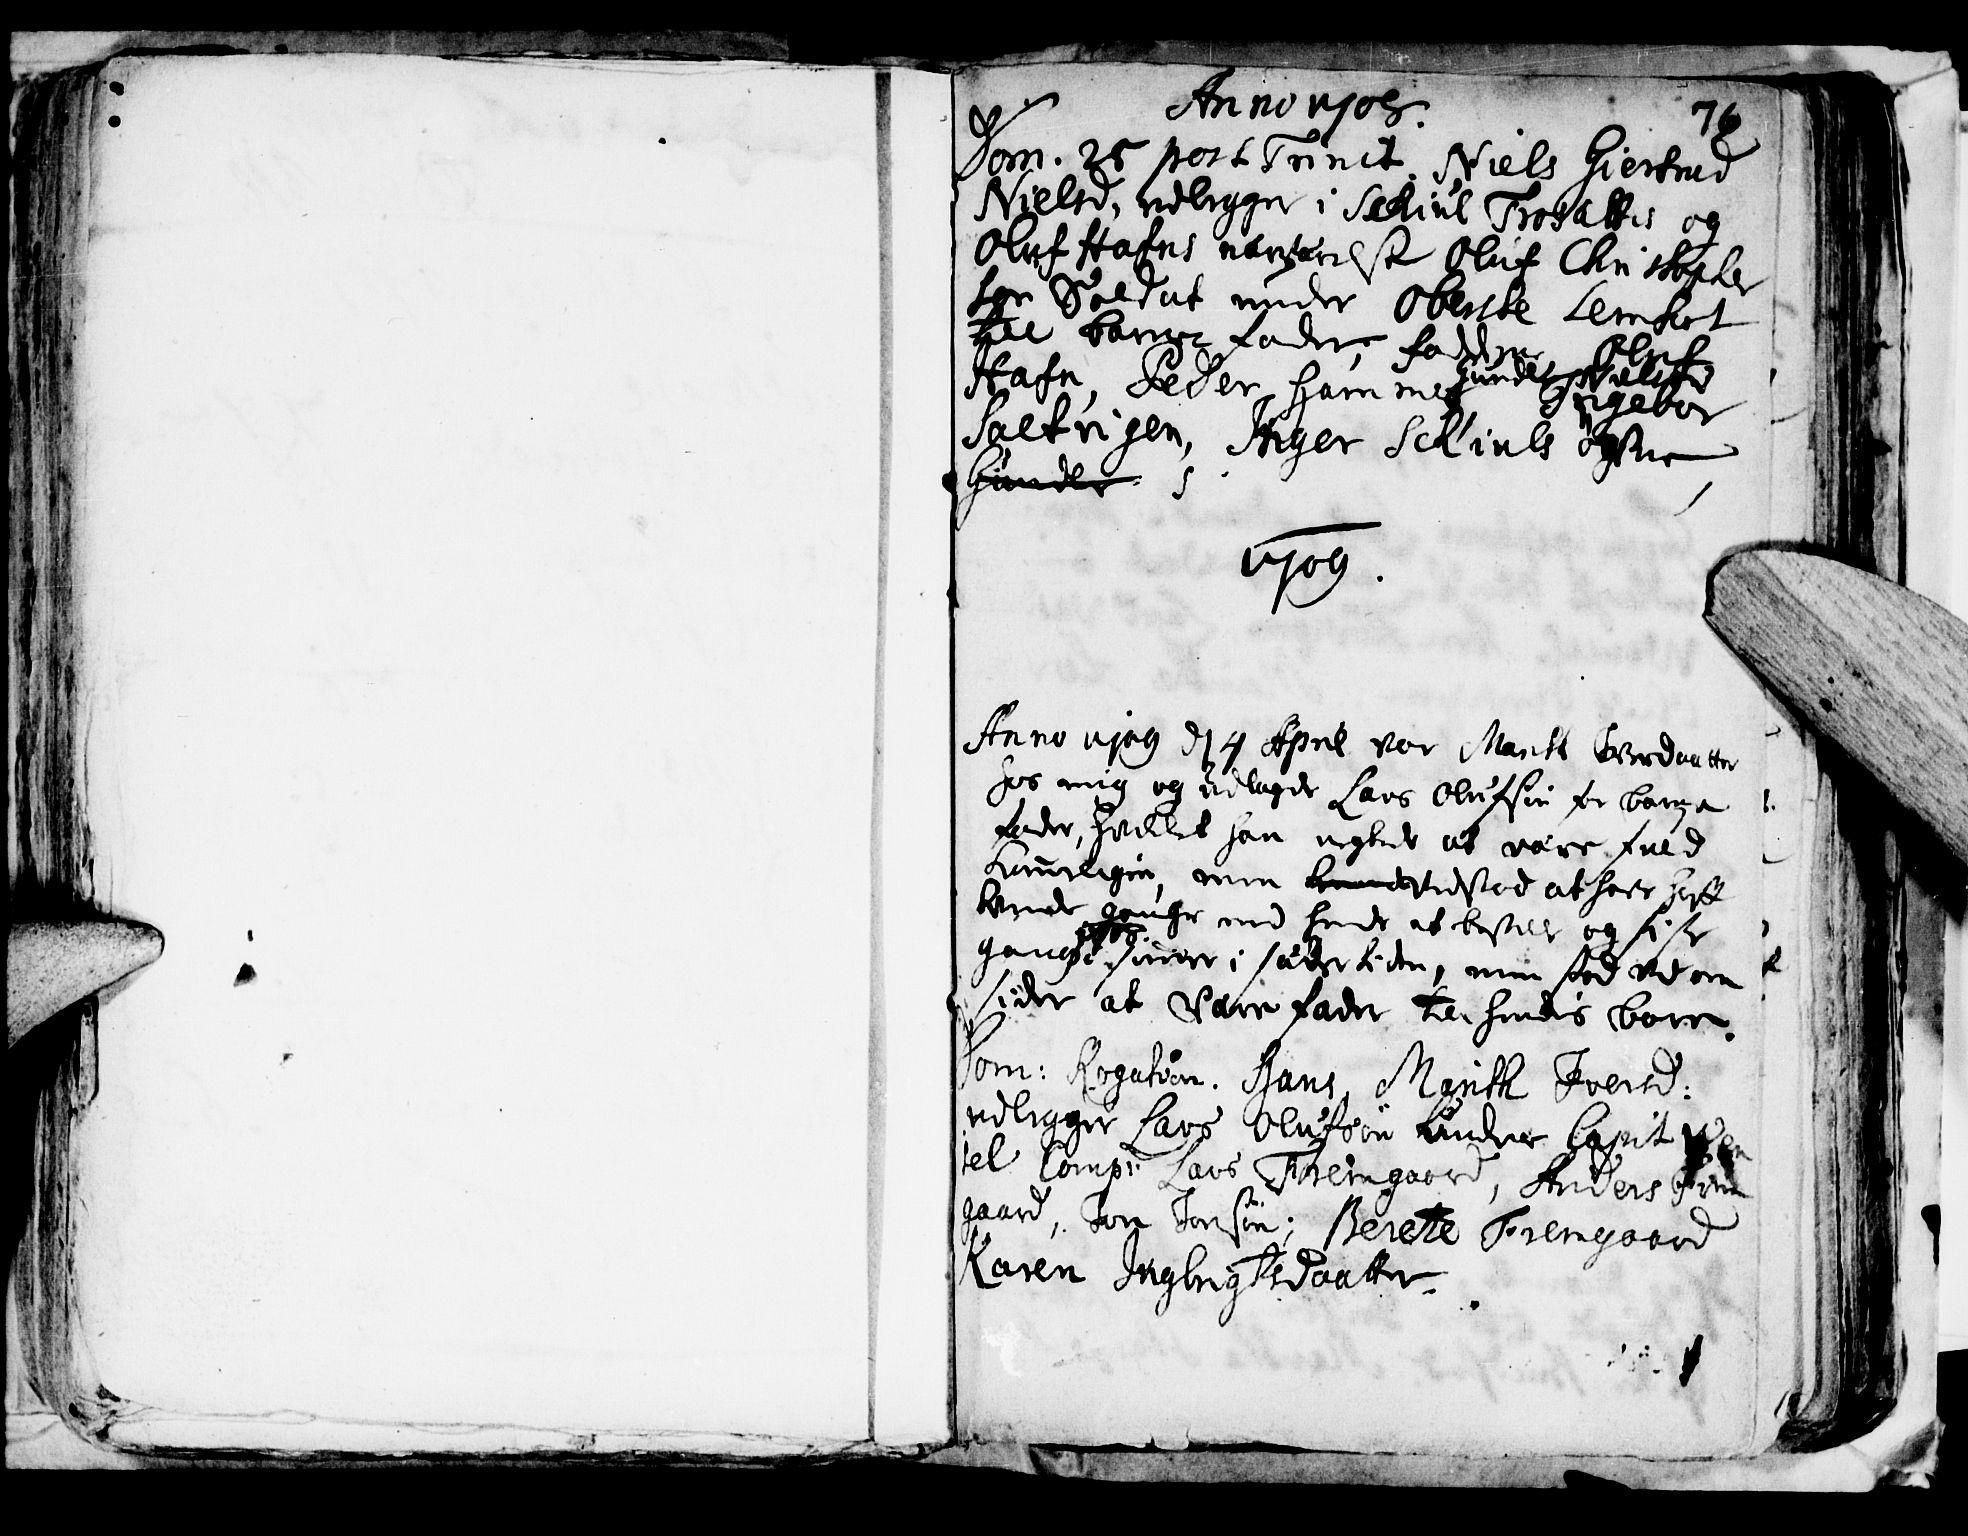 SAT, Ministerialprotokoller, klokkerbøker og fødselsregistre - Nord-Trøndelag, 722/L0214: Ministerialbok nr. 722A01, 1692-1718, s. 76